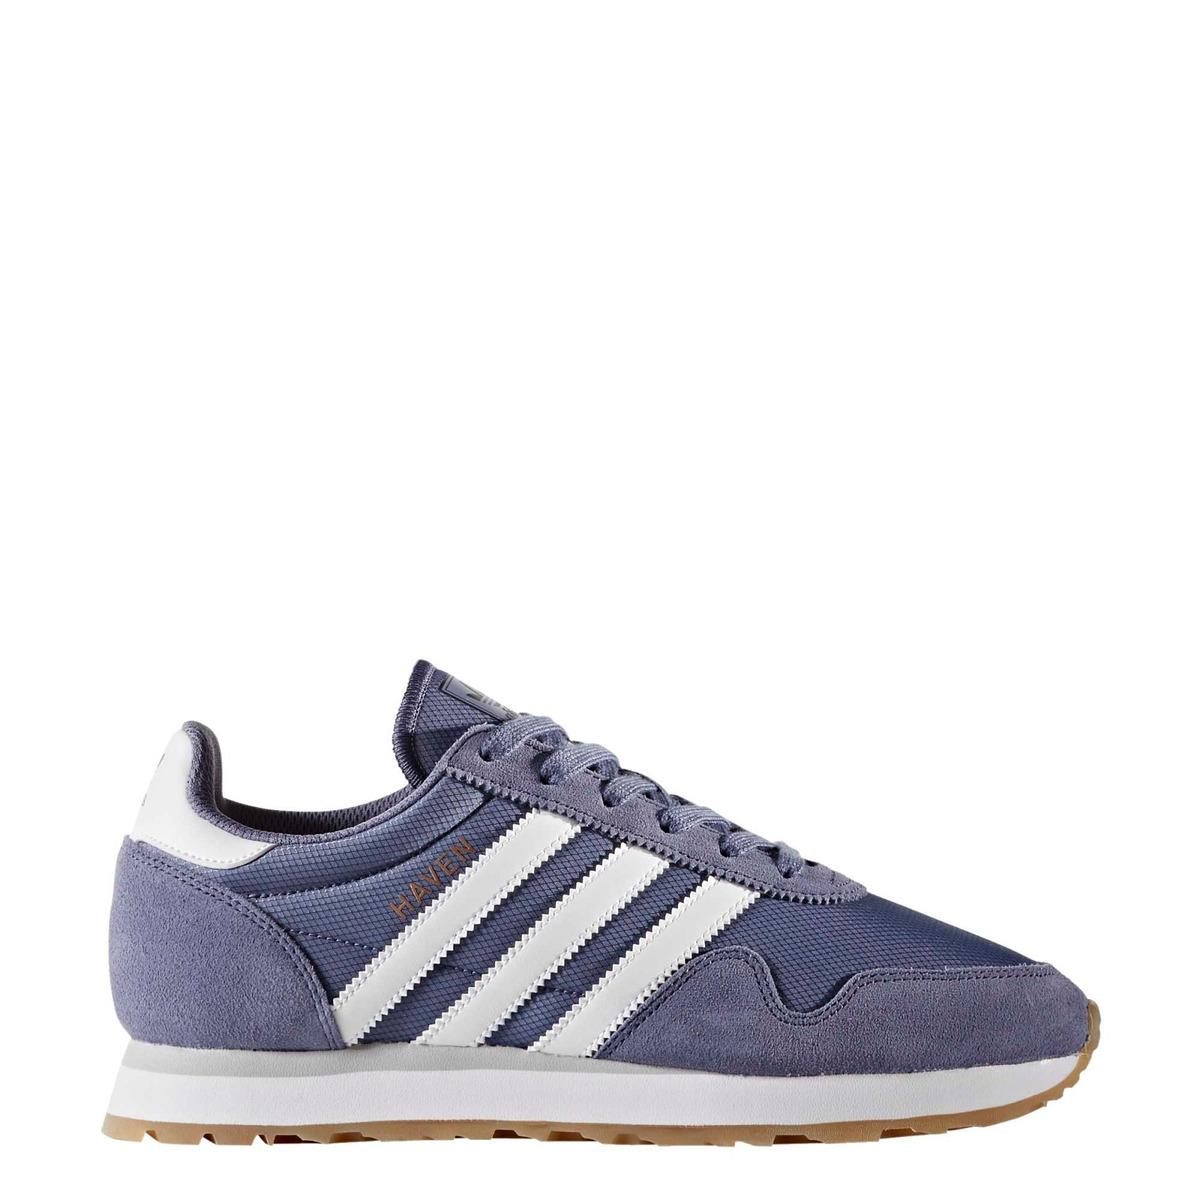 Últimas ofertas Adidas Originals HAVEN ZAPATILLAS ROJO